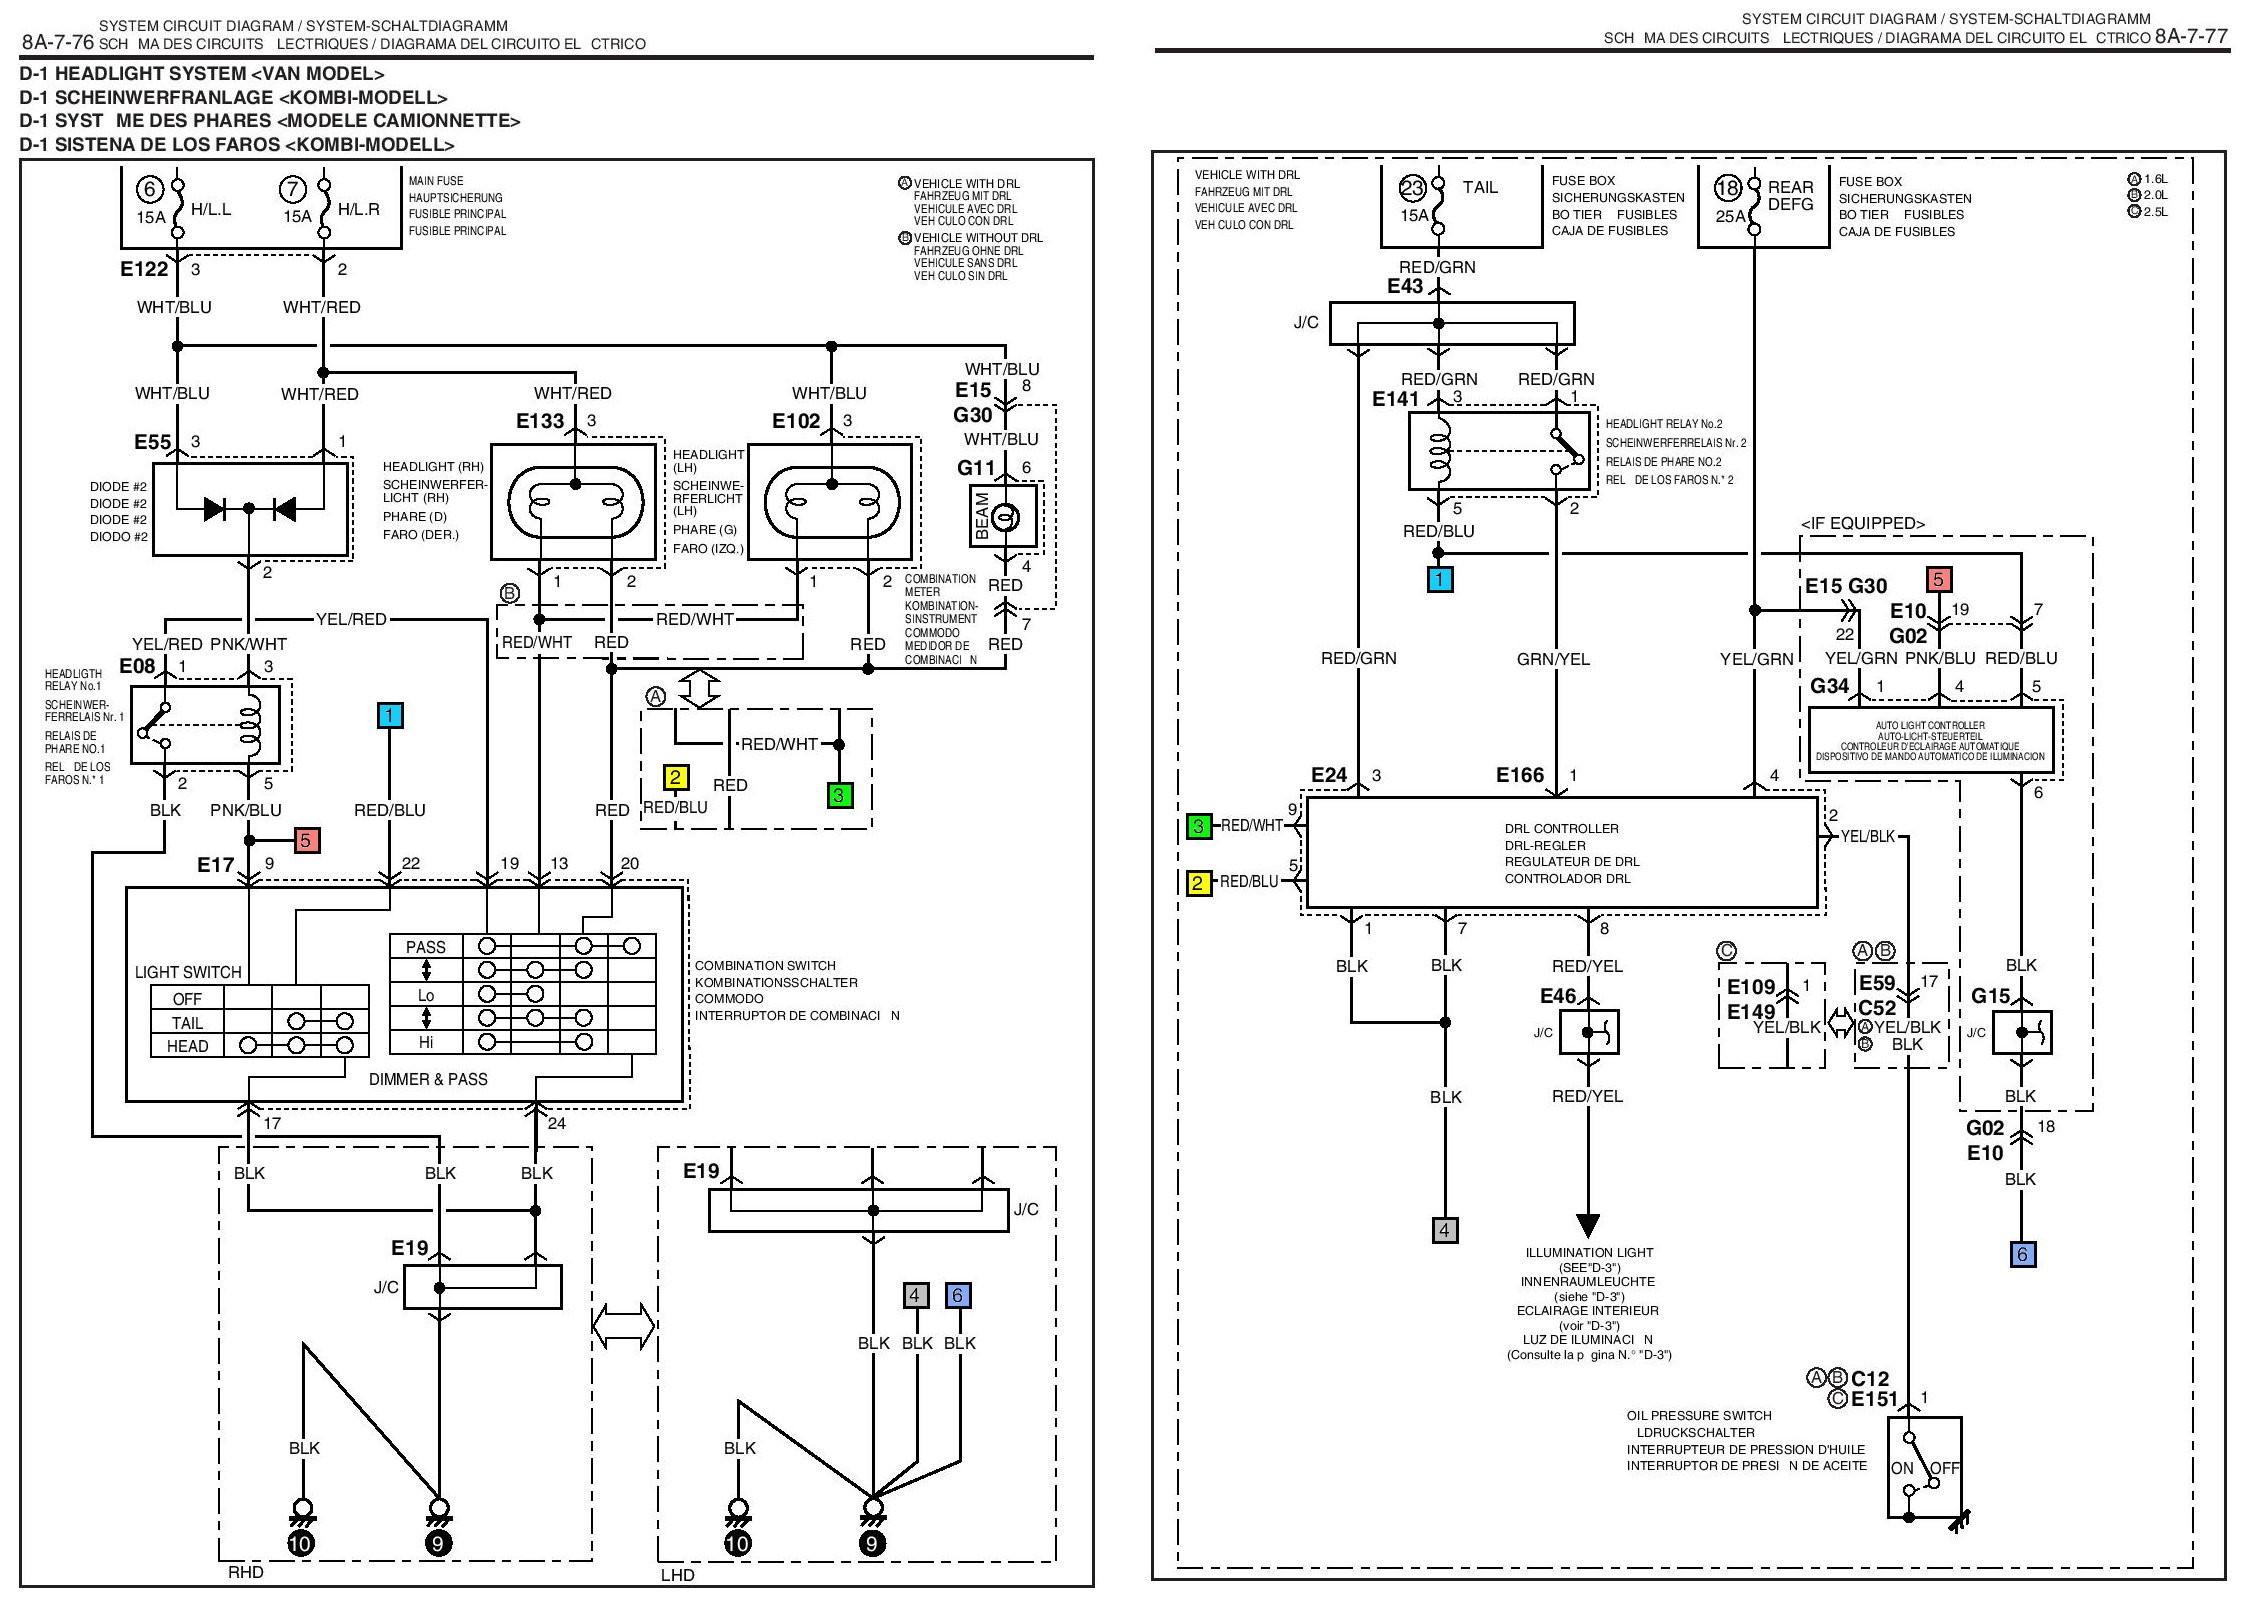 suzuki grand vitara exhaust system diagram wiring schematics diagram rh enr  green com wiring diagram suzuki